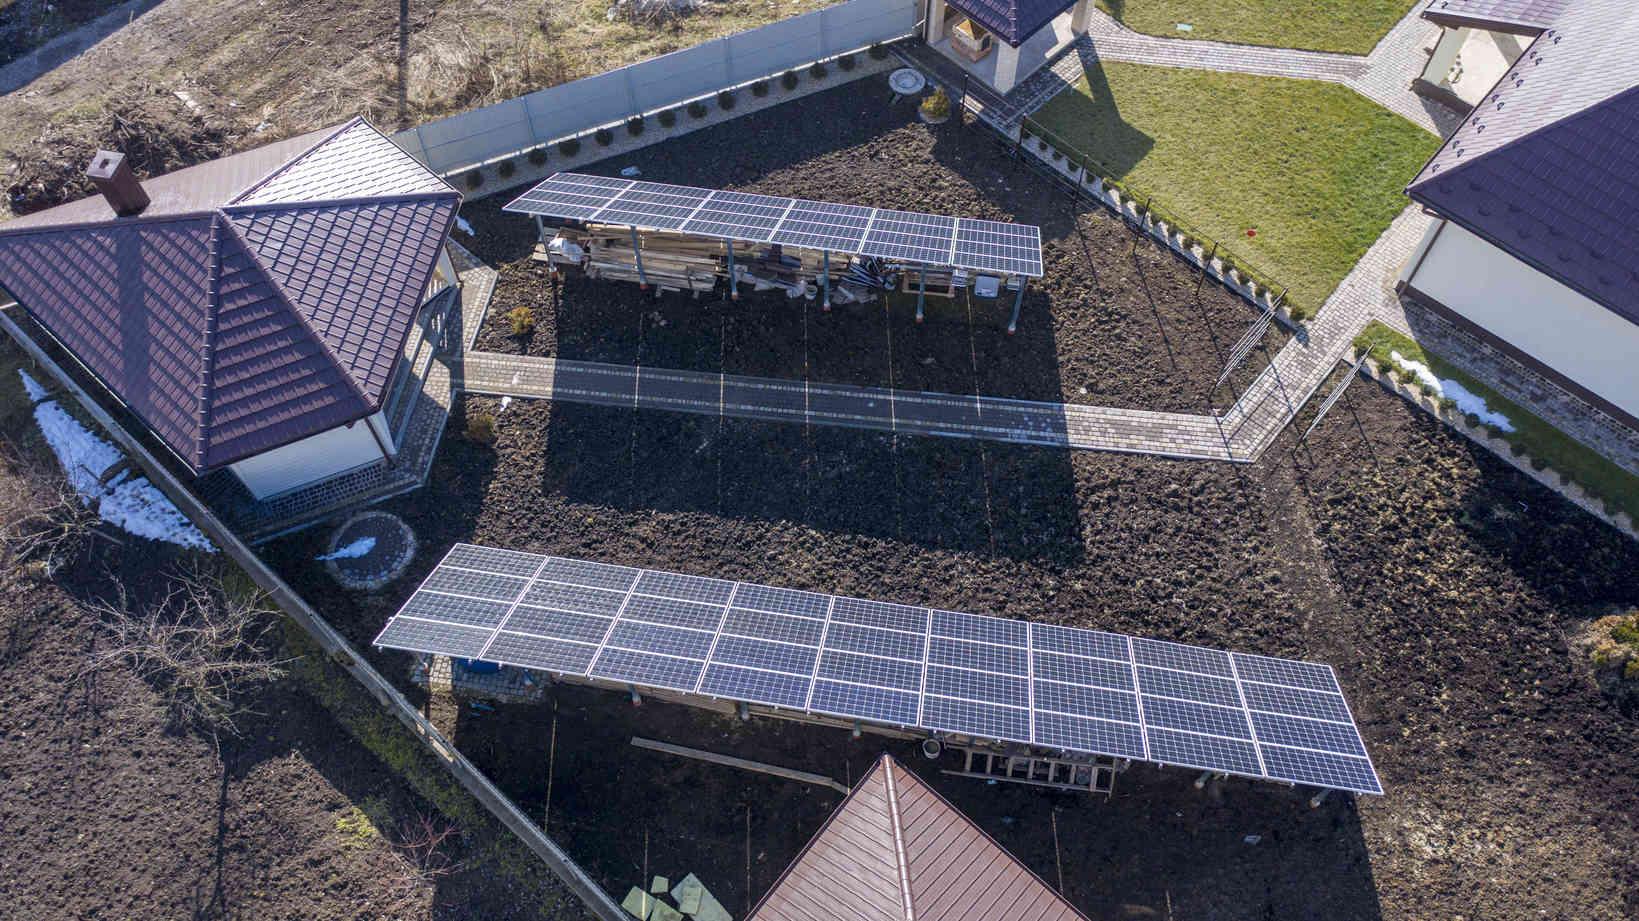 Мережева сонячна електростанція (СЕС) потужністю 20,7 кВт – Фотозвіт #4